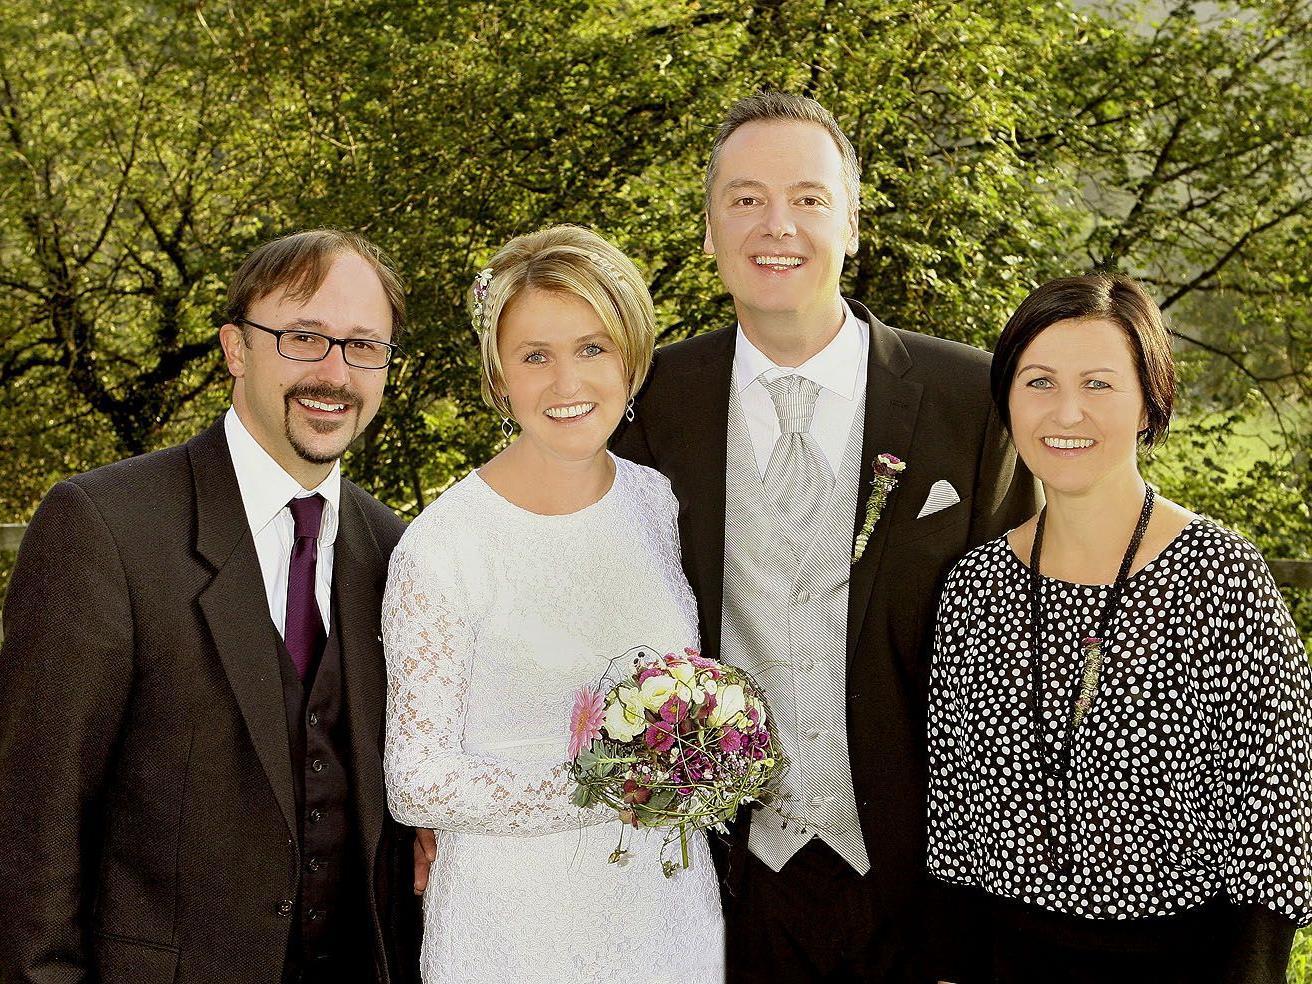 Evi und Manfred Bernhart haben geheiratet